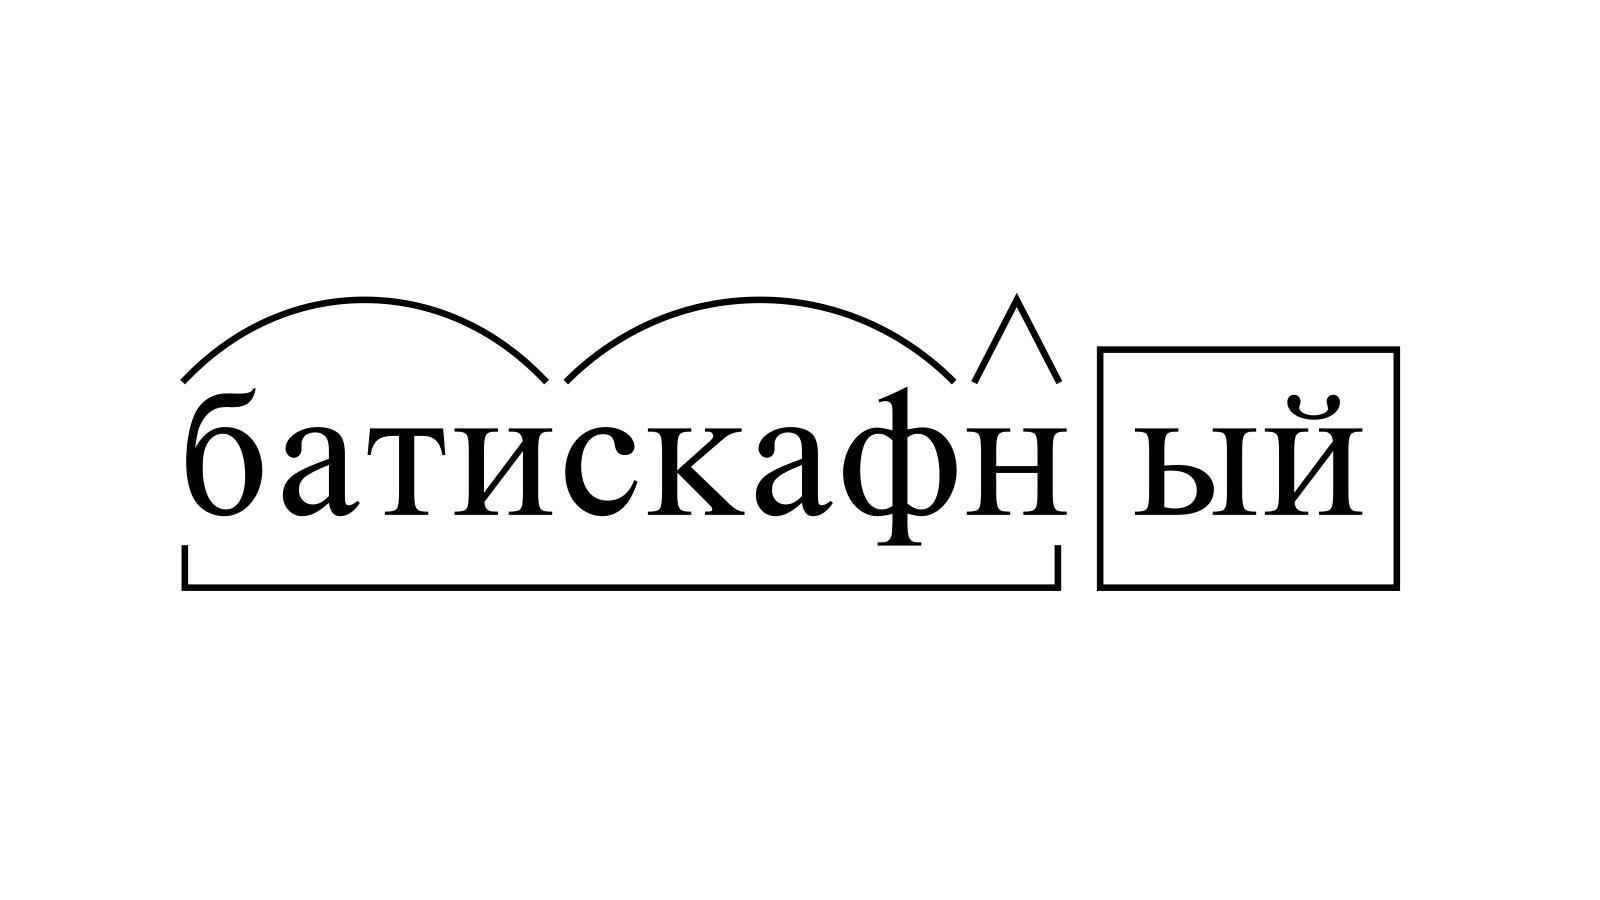 Разбор слова «батискафный» по составу